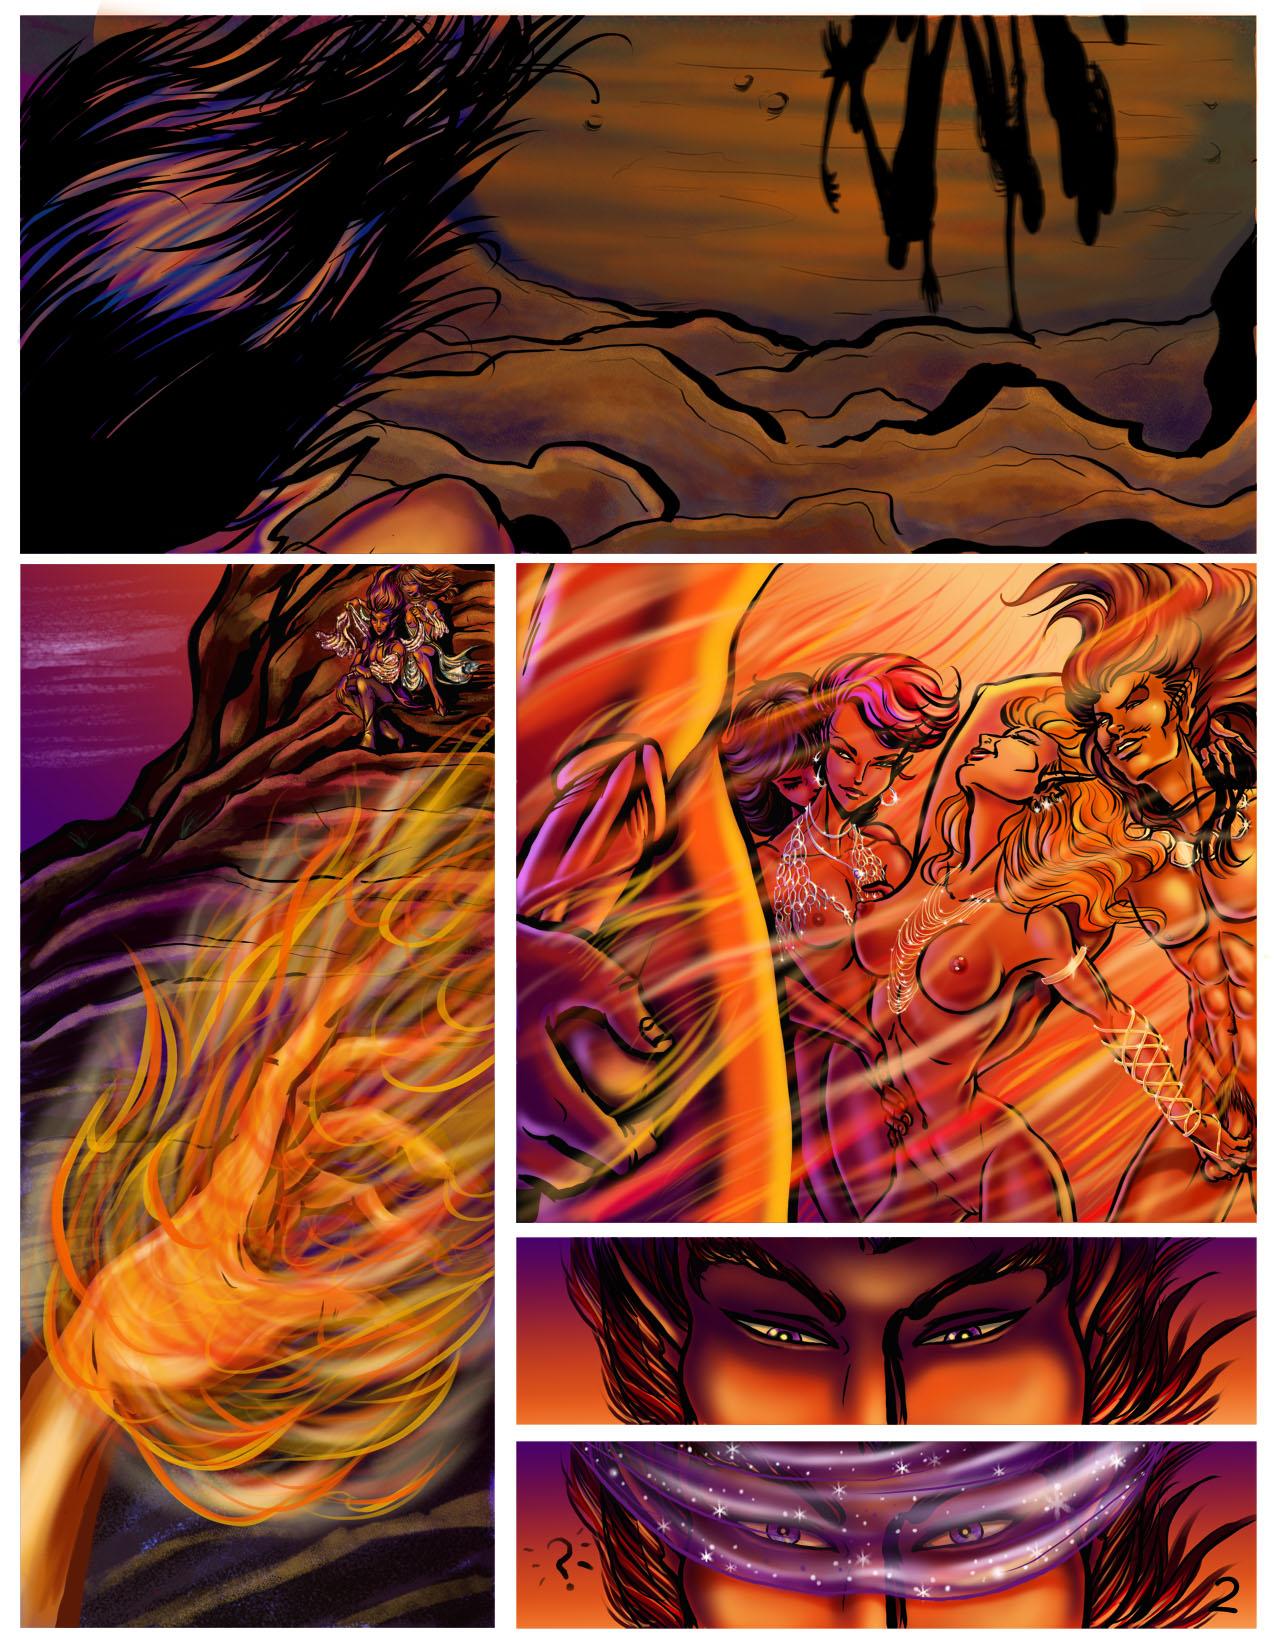 Dante's Fire- Page 2